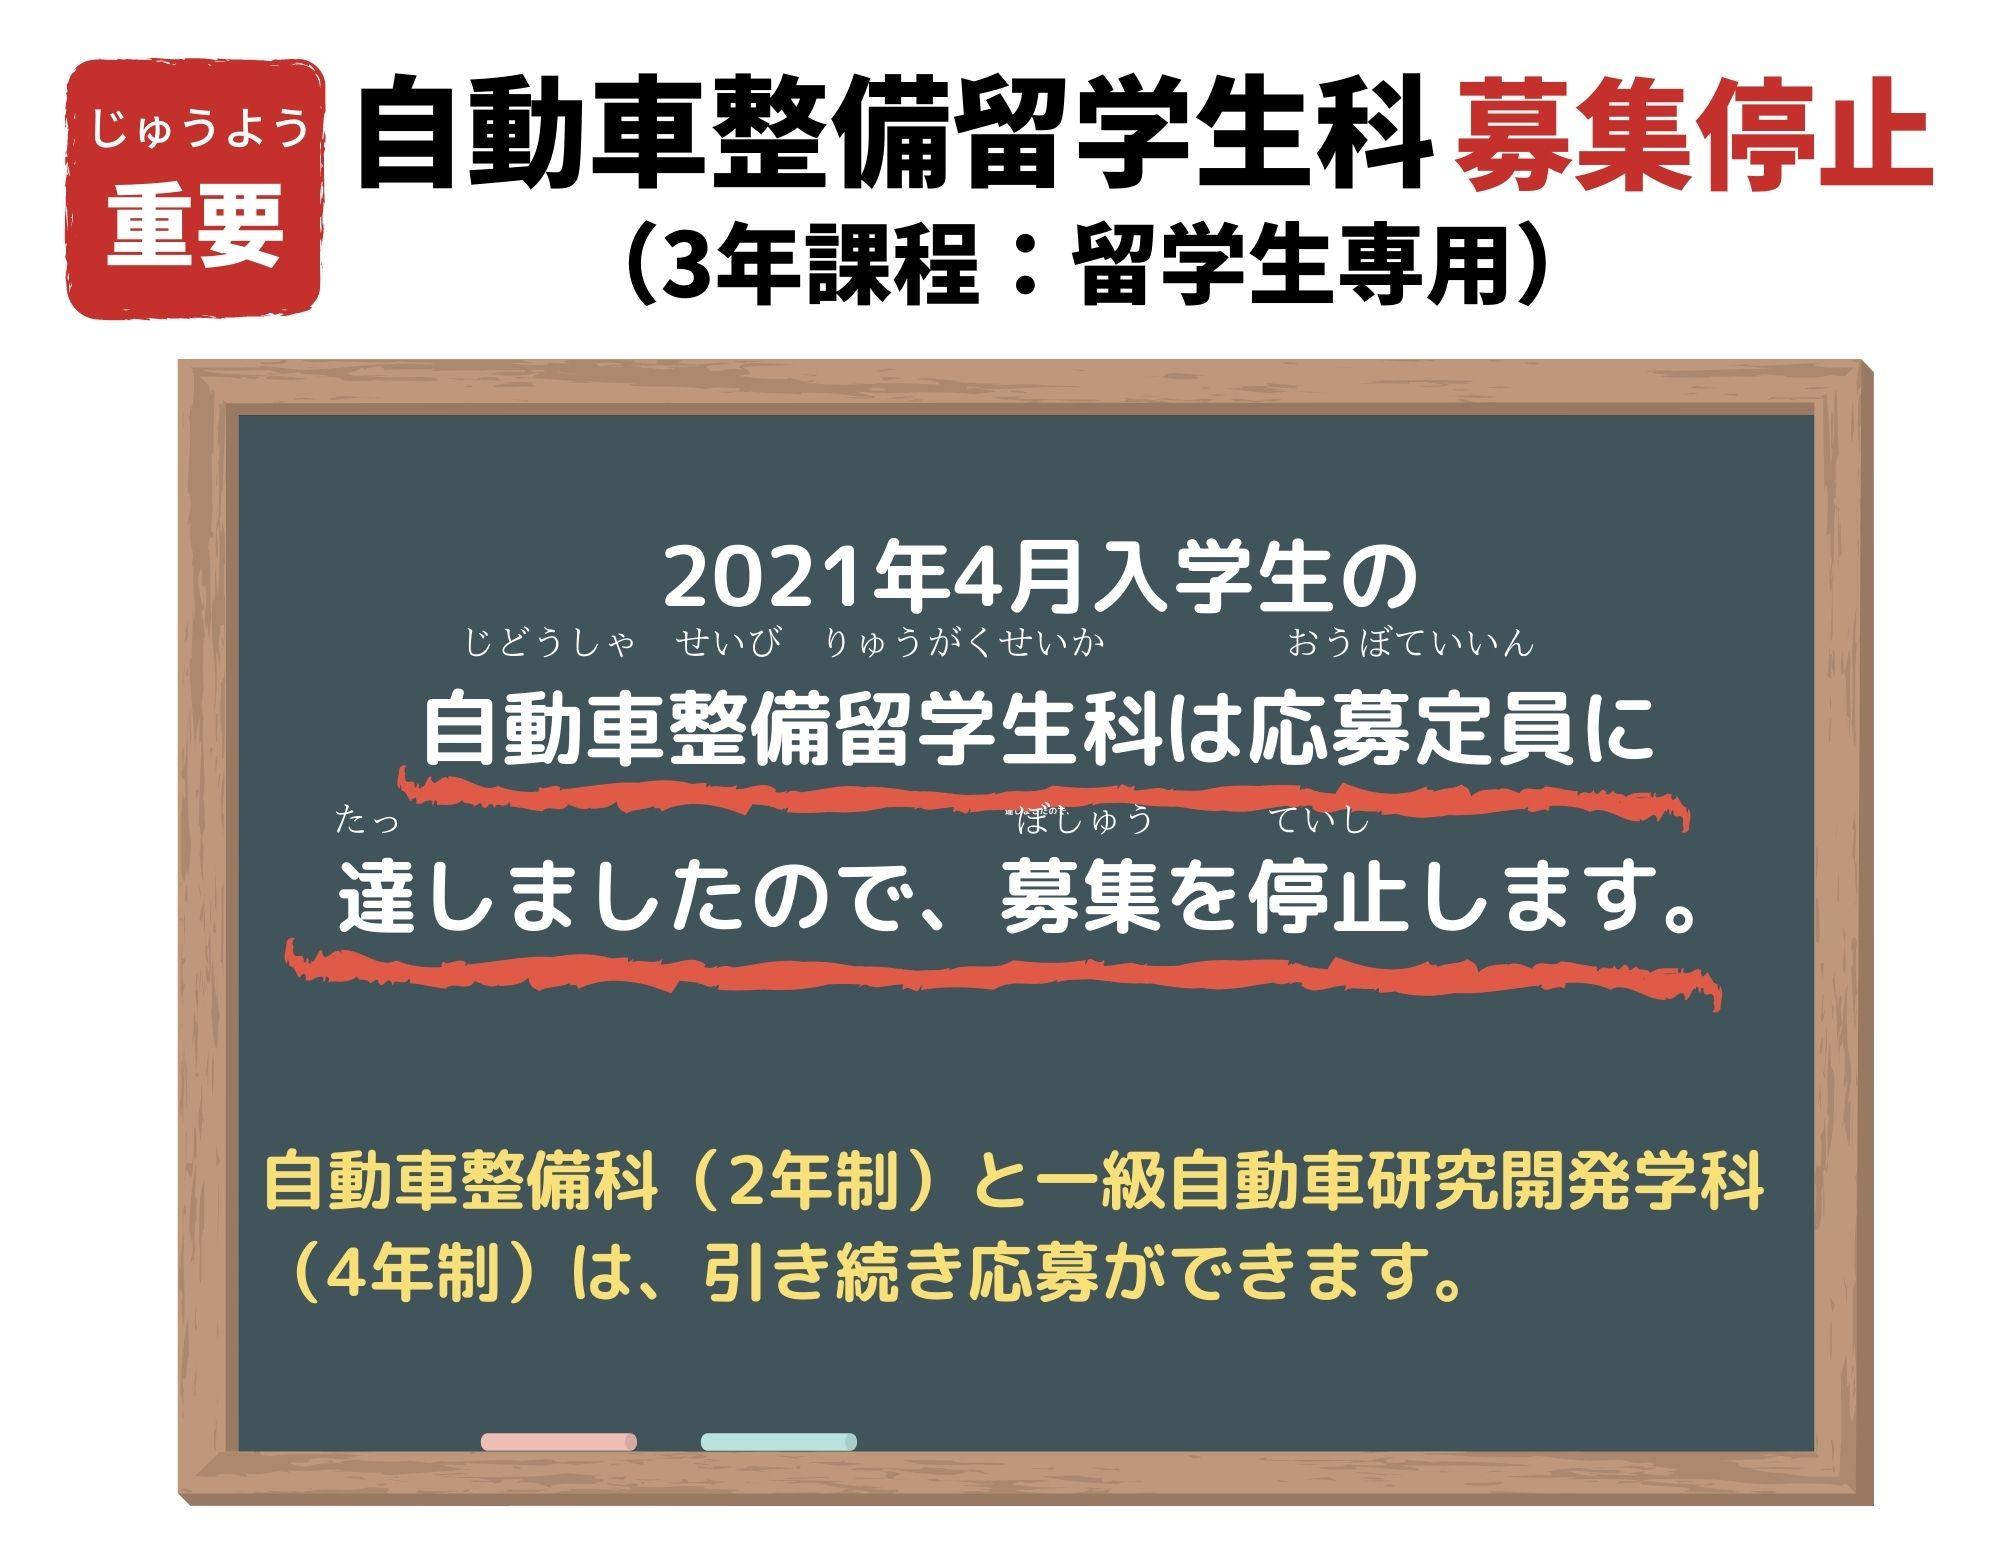 【重要】留学生の方へ:自動車整備留学生科の募集停止(2021年4月入学生)